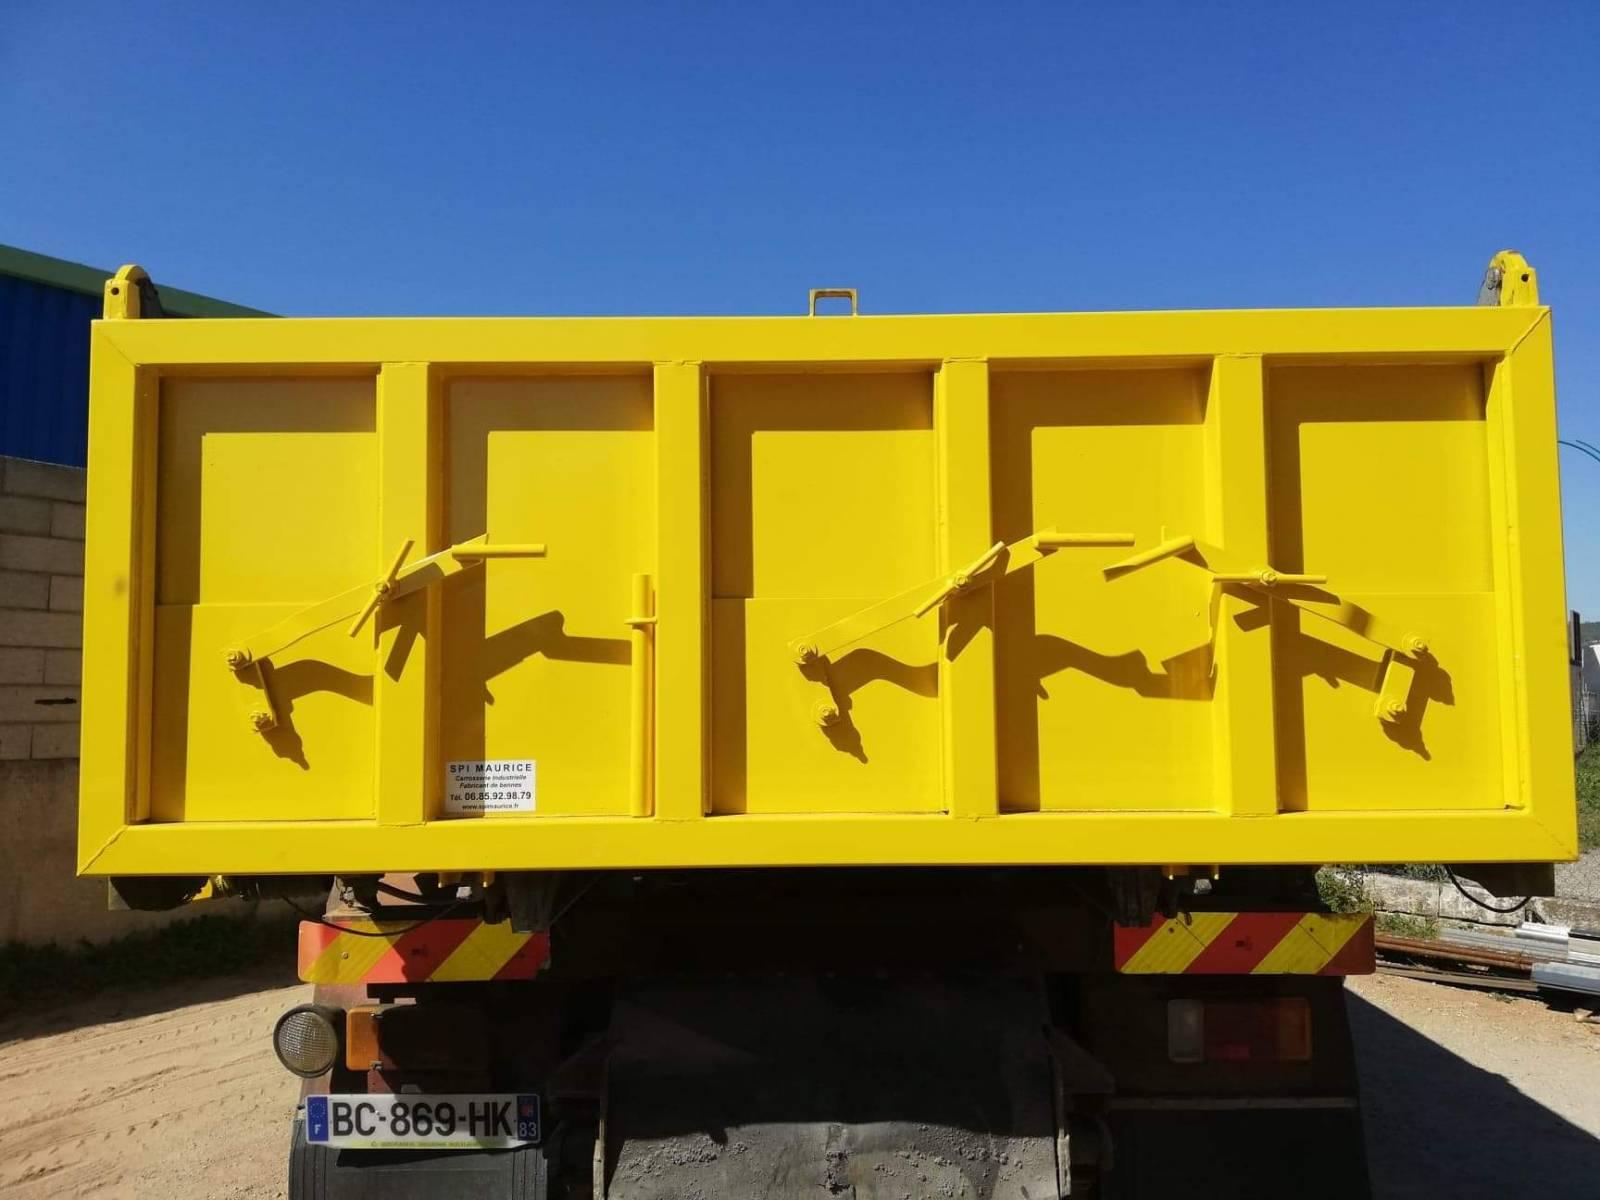 Portes arri re de benne amovible et ridelles en acier fabrication de bennes amovibles sur - Porter plainte pour travaux non effectues ...